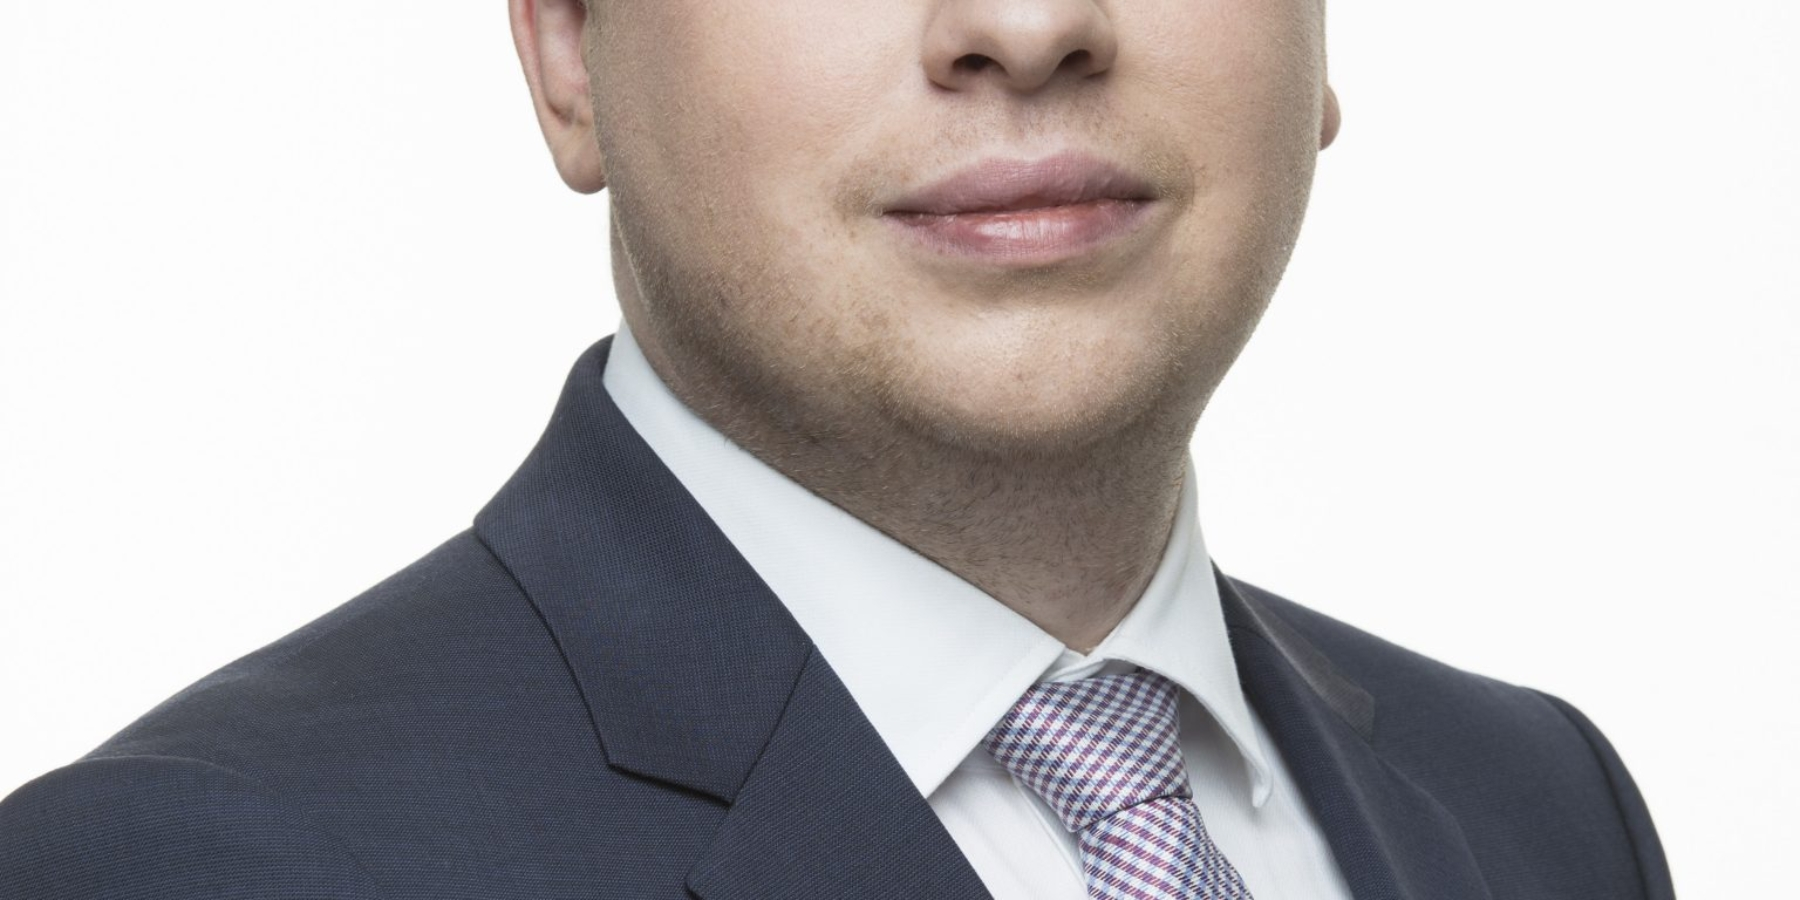 Ekspansja Loando nawschód. Czypolska porównywarka podbije rosyjski rynek finansowy?